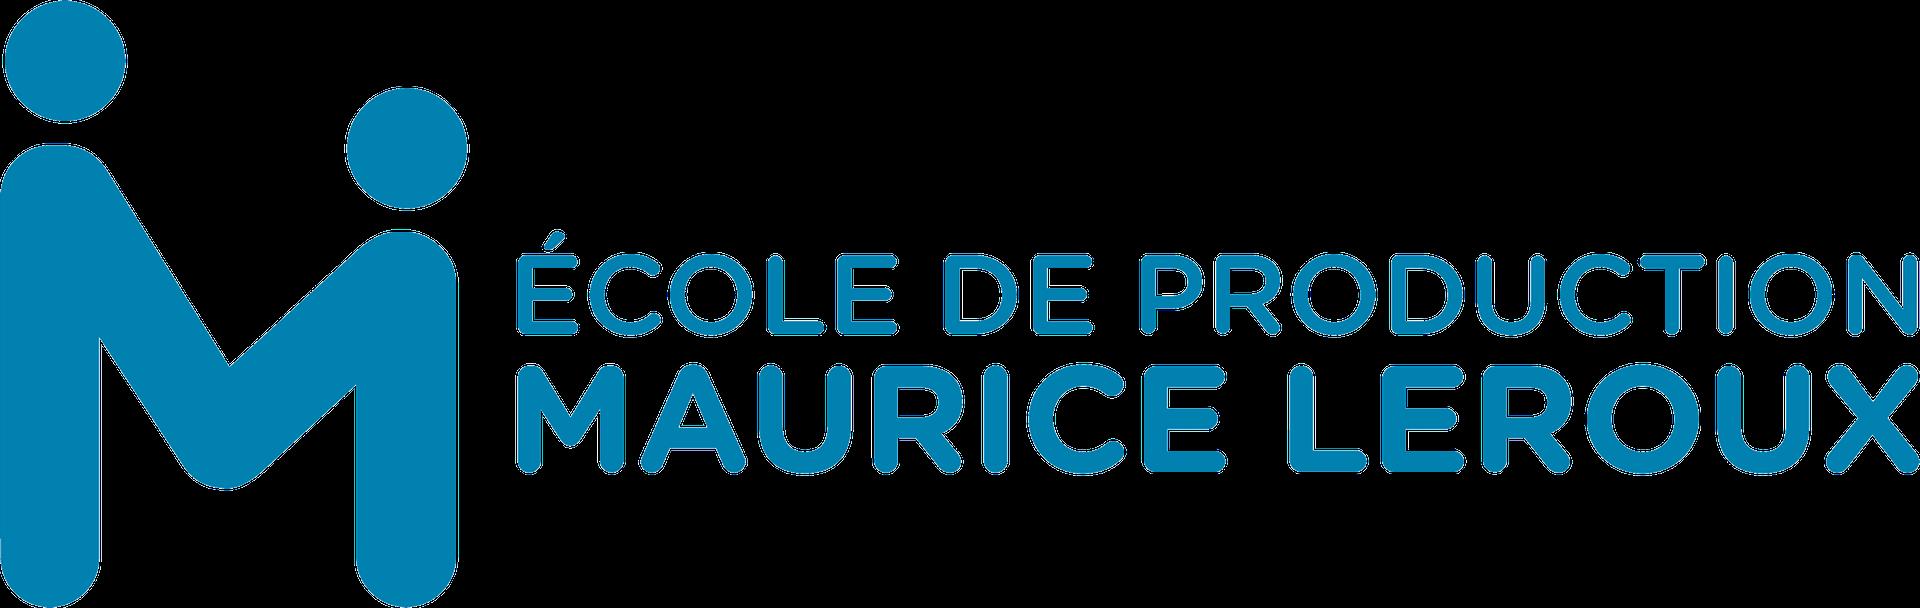 Ecole Maurice Leroux